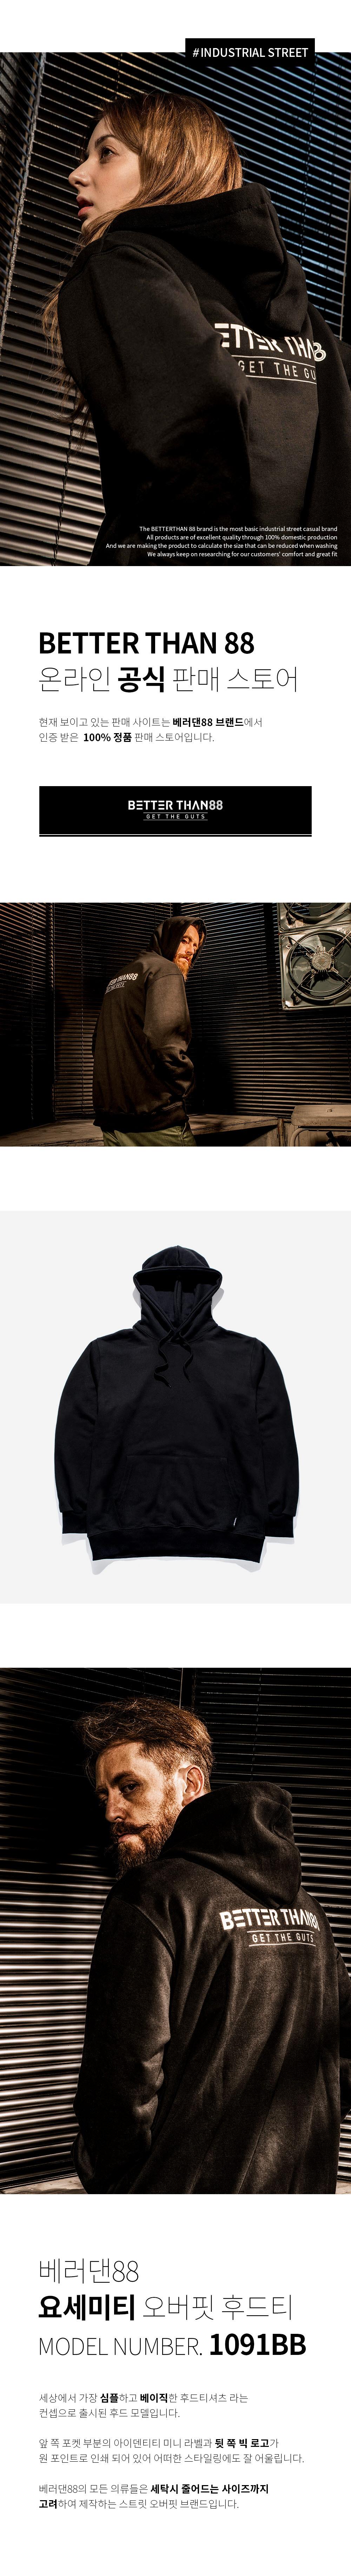 [베러댄88] M1091BB 요세미티 오버핏 후드티 맨즈 밴타블랙